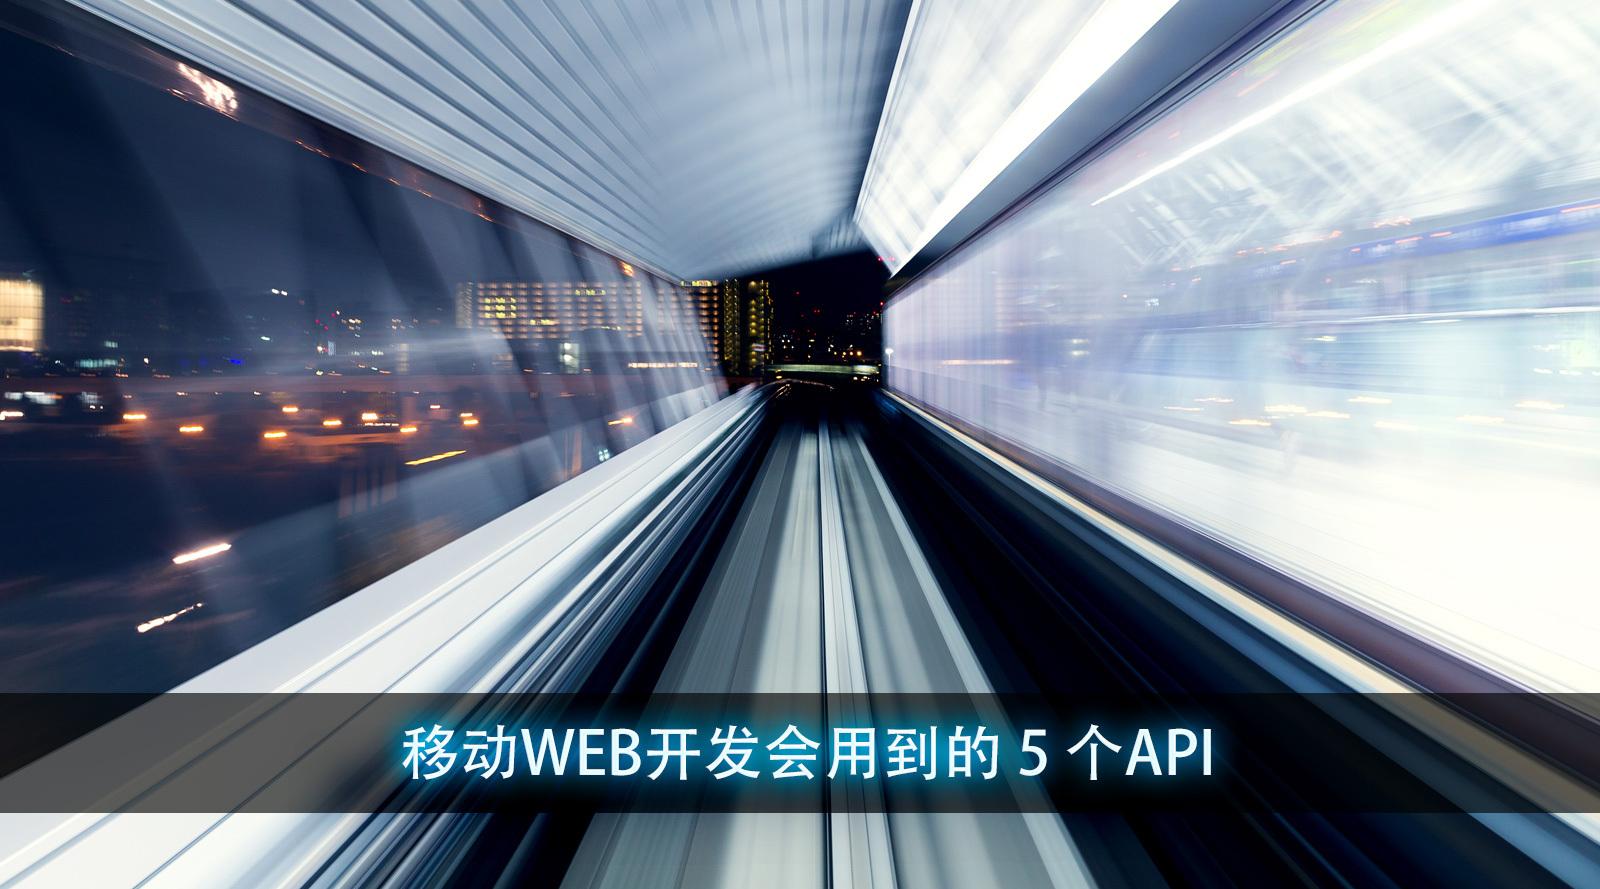 移动WEB开发会用到的 5 个API